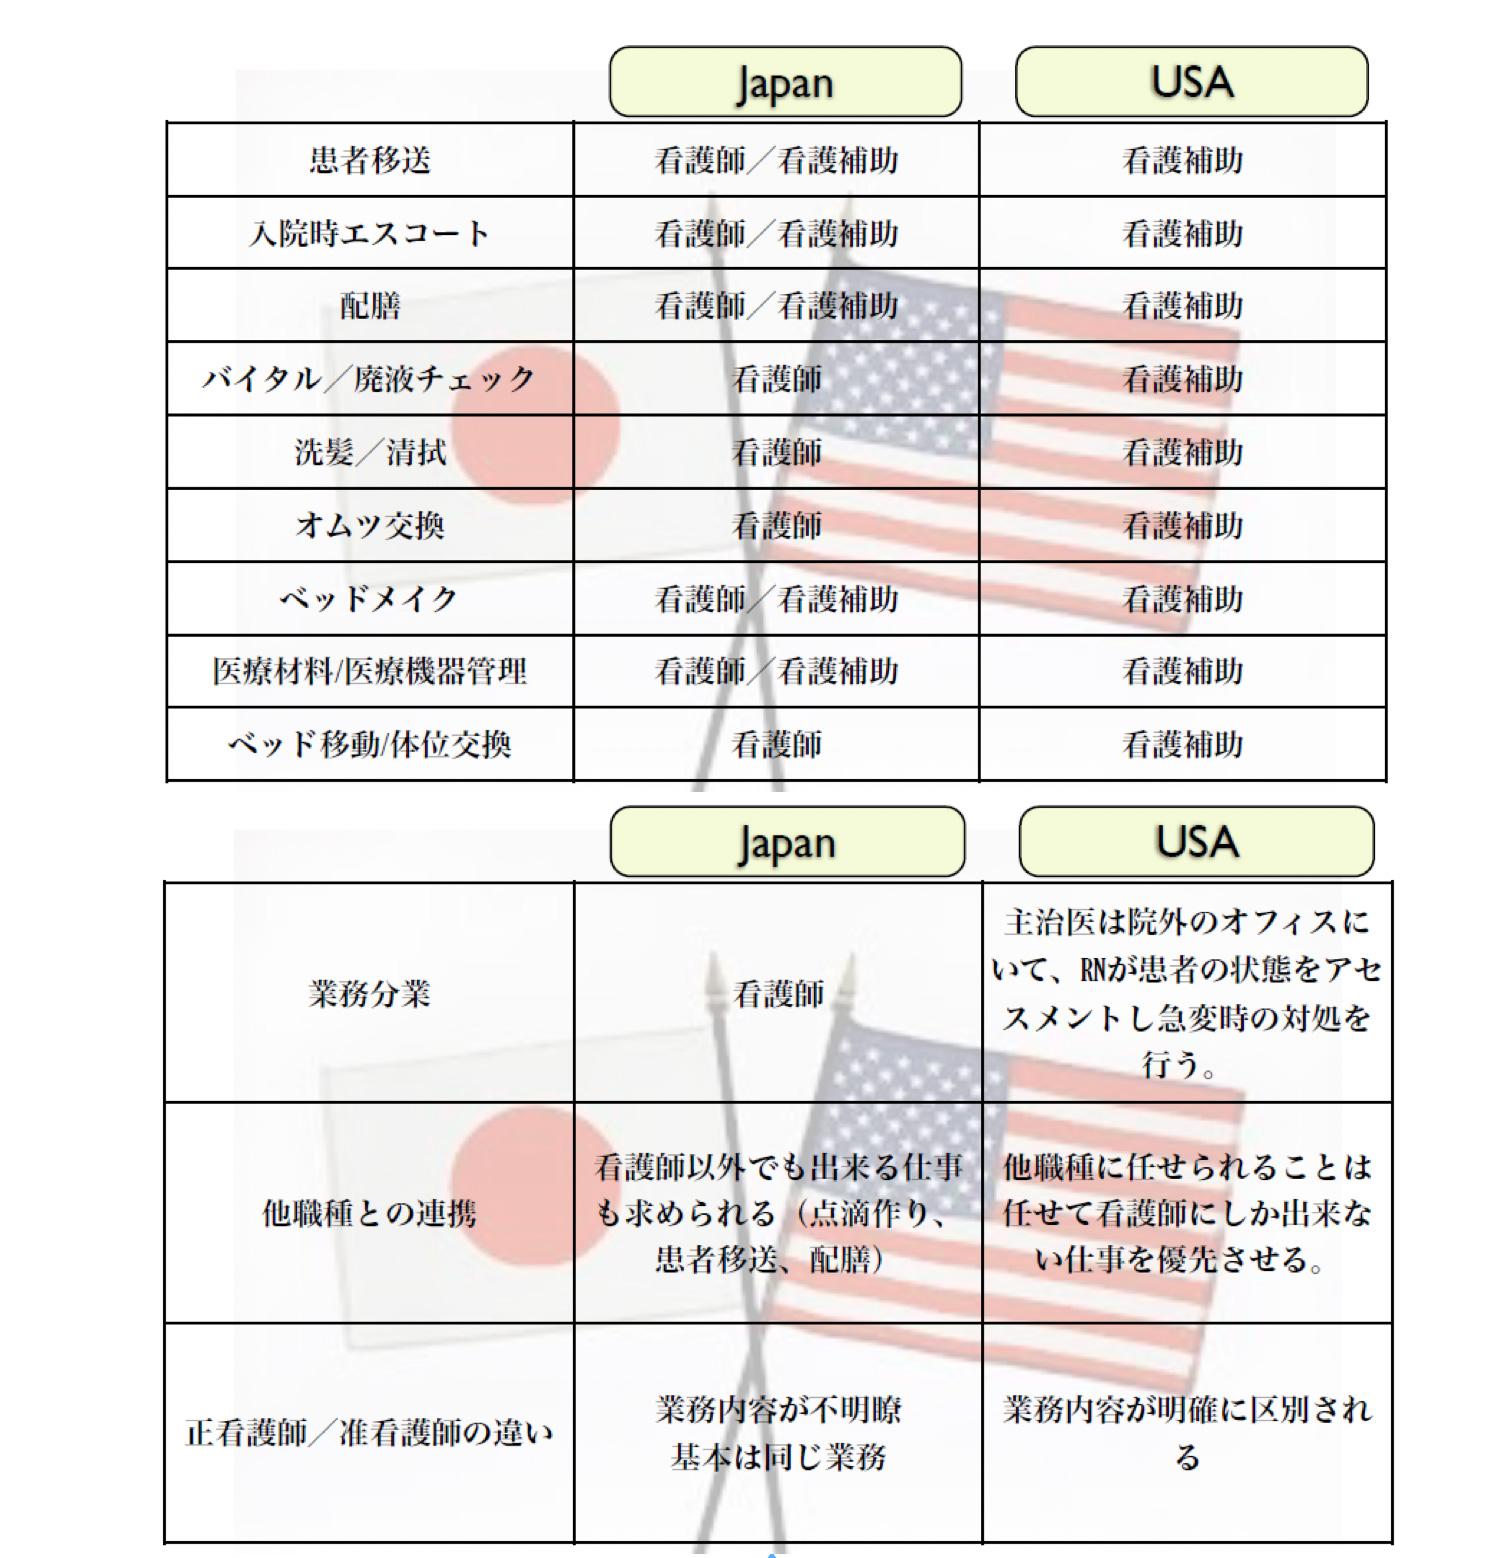 日米の業務の違い